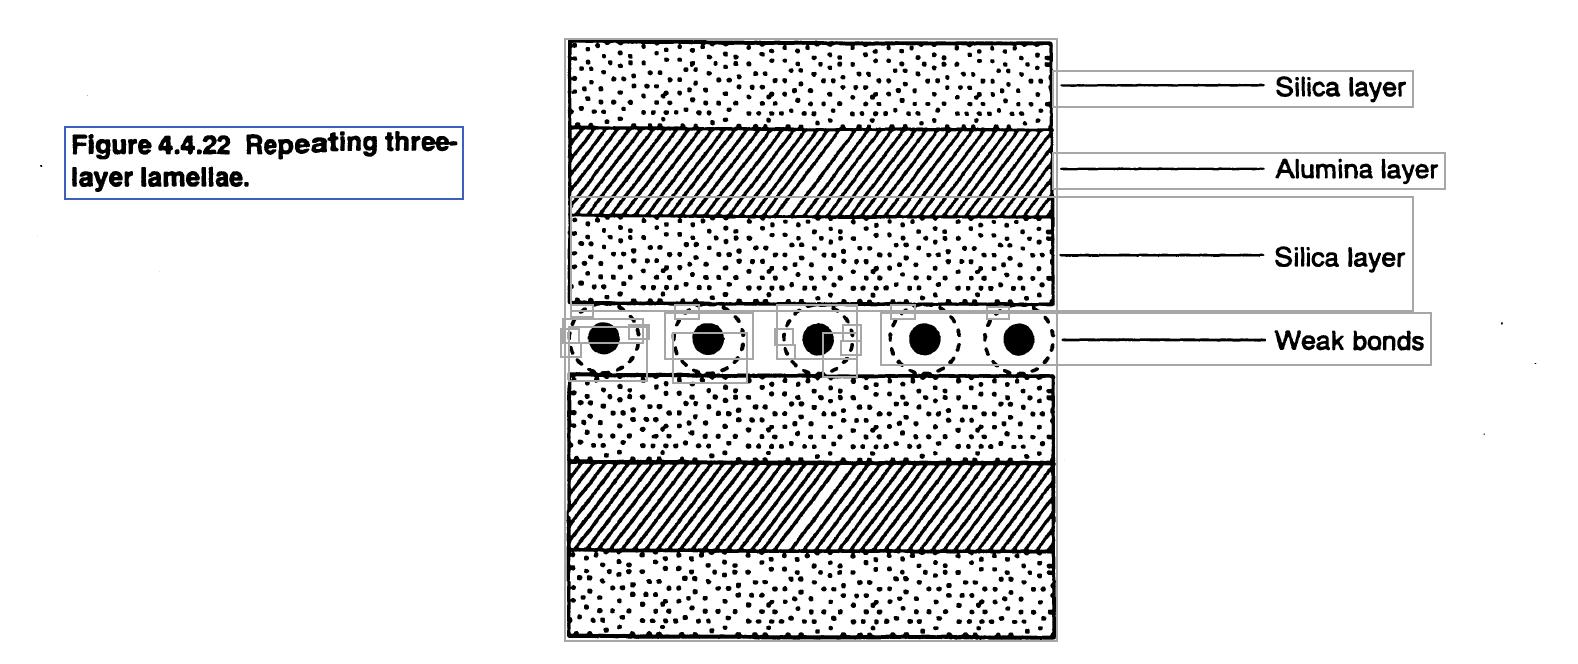 Repeating three layer lamellae